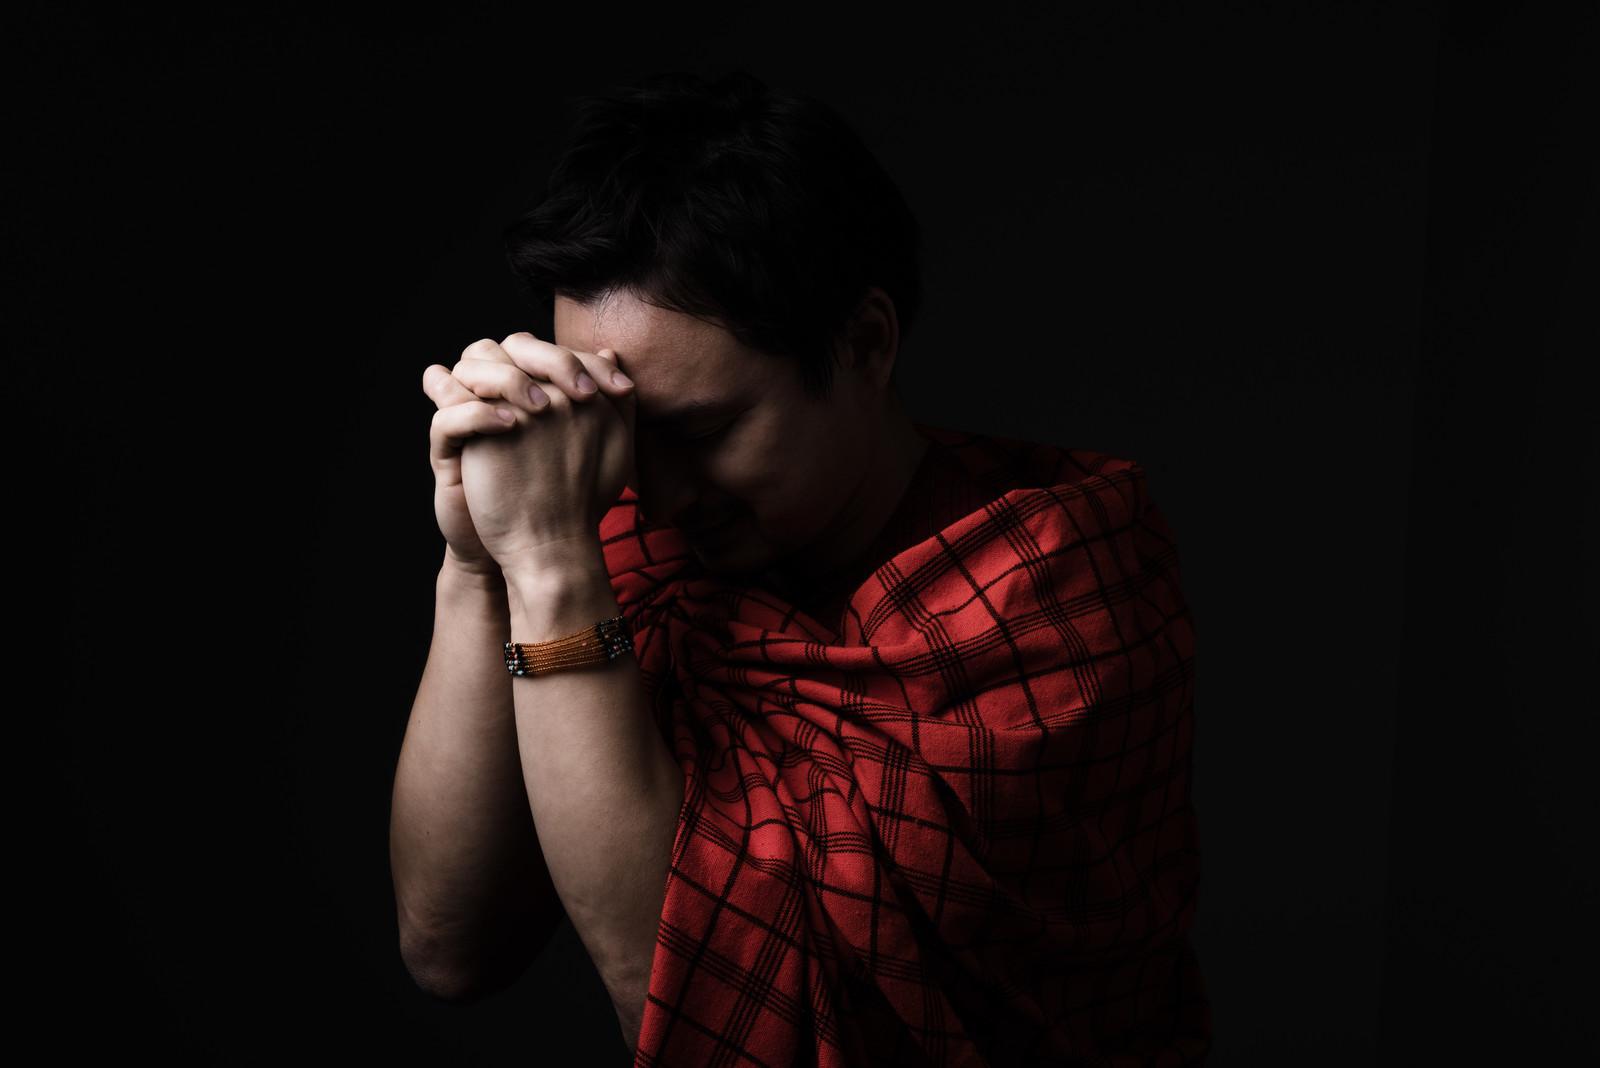 願望実現に向けて祈る人